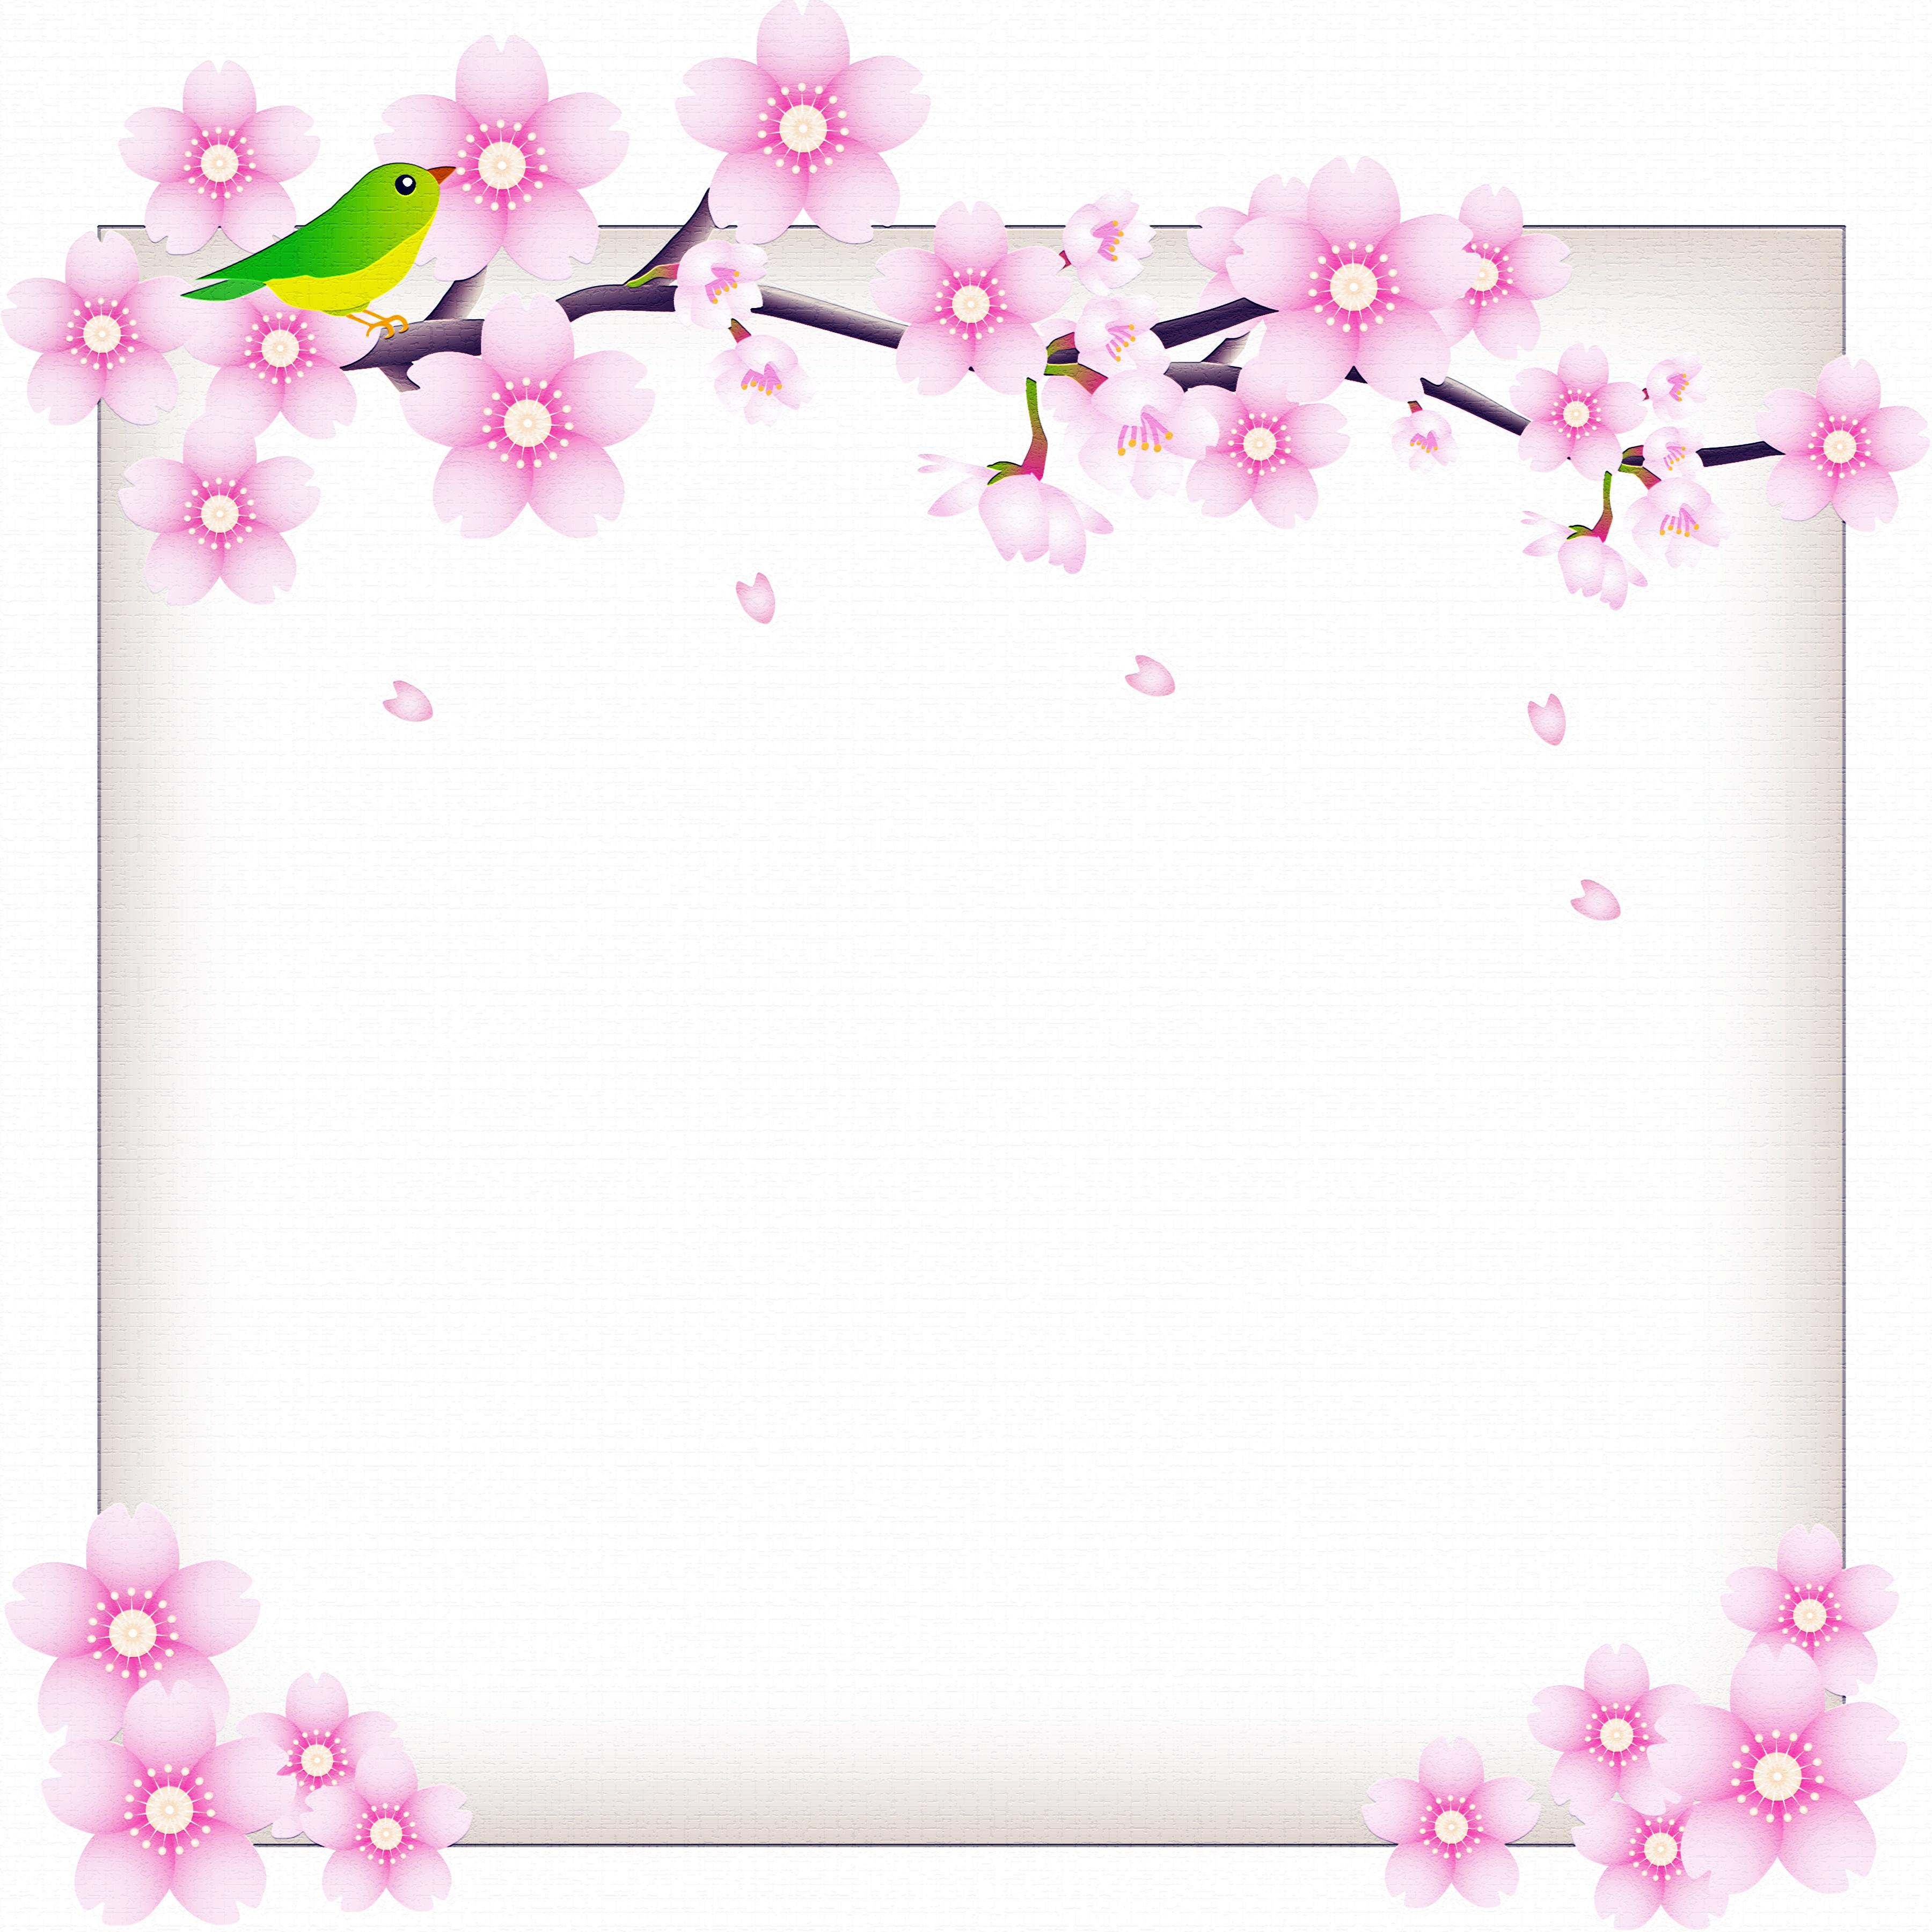 Fotos Vogel Blumen Ast Vorlage Grußkarte Blühende Bäume Vögel Blüte